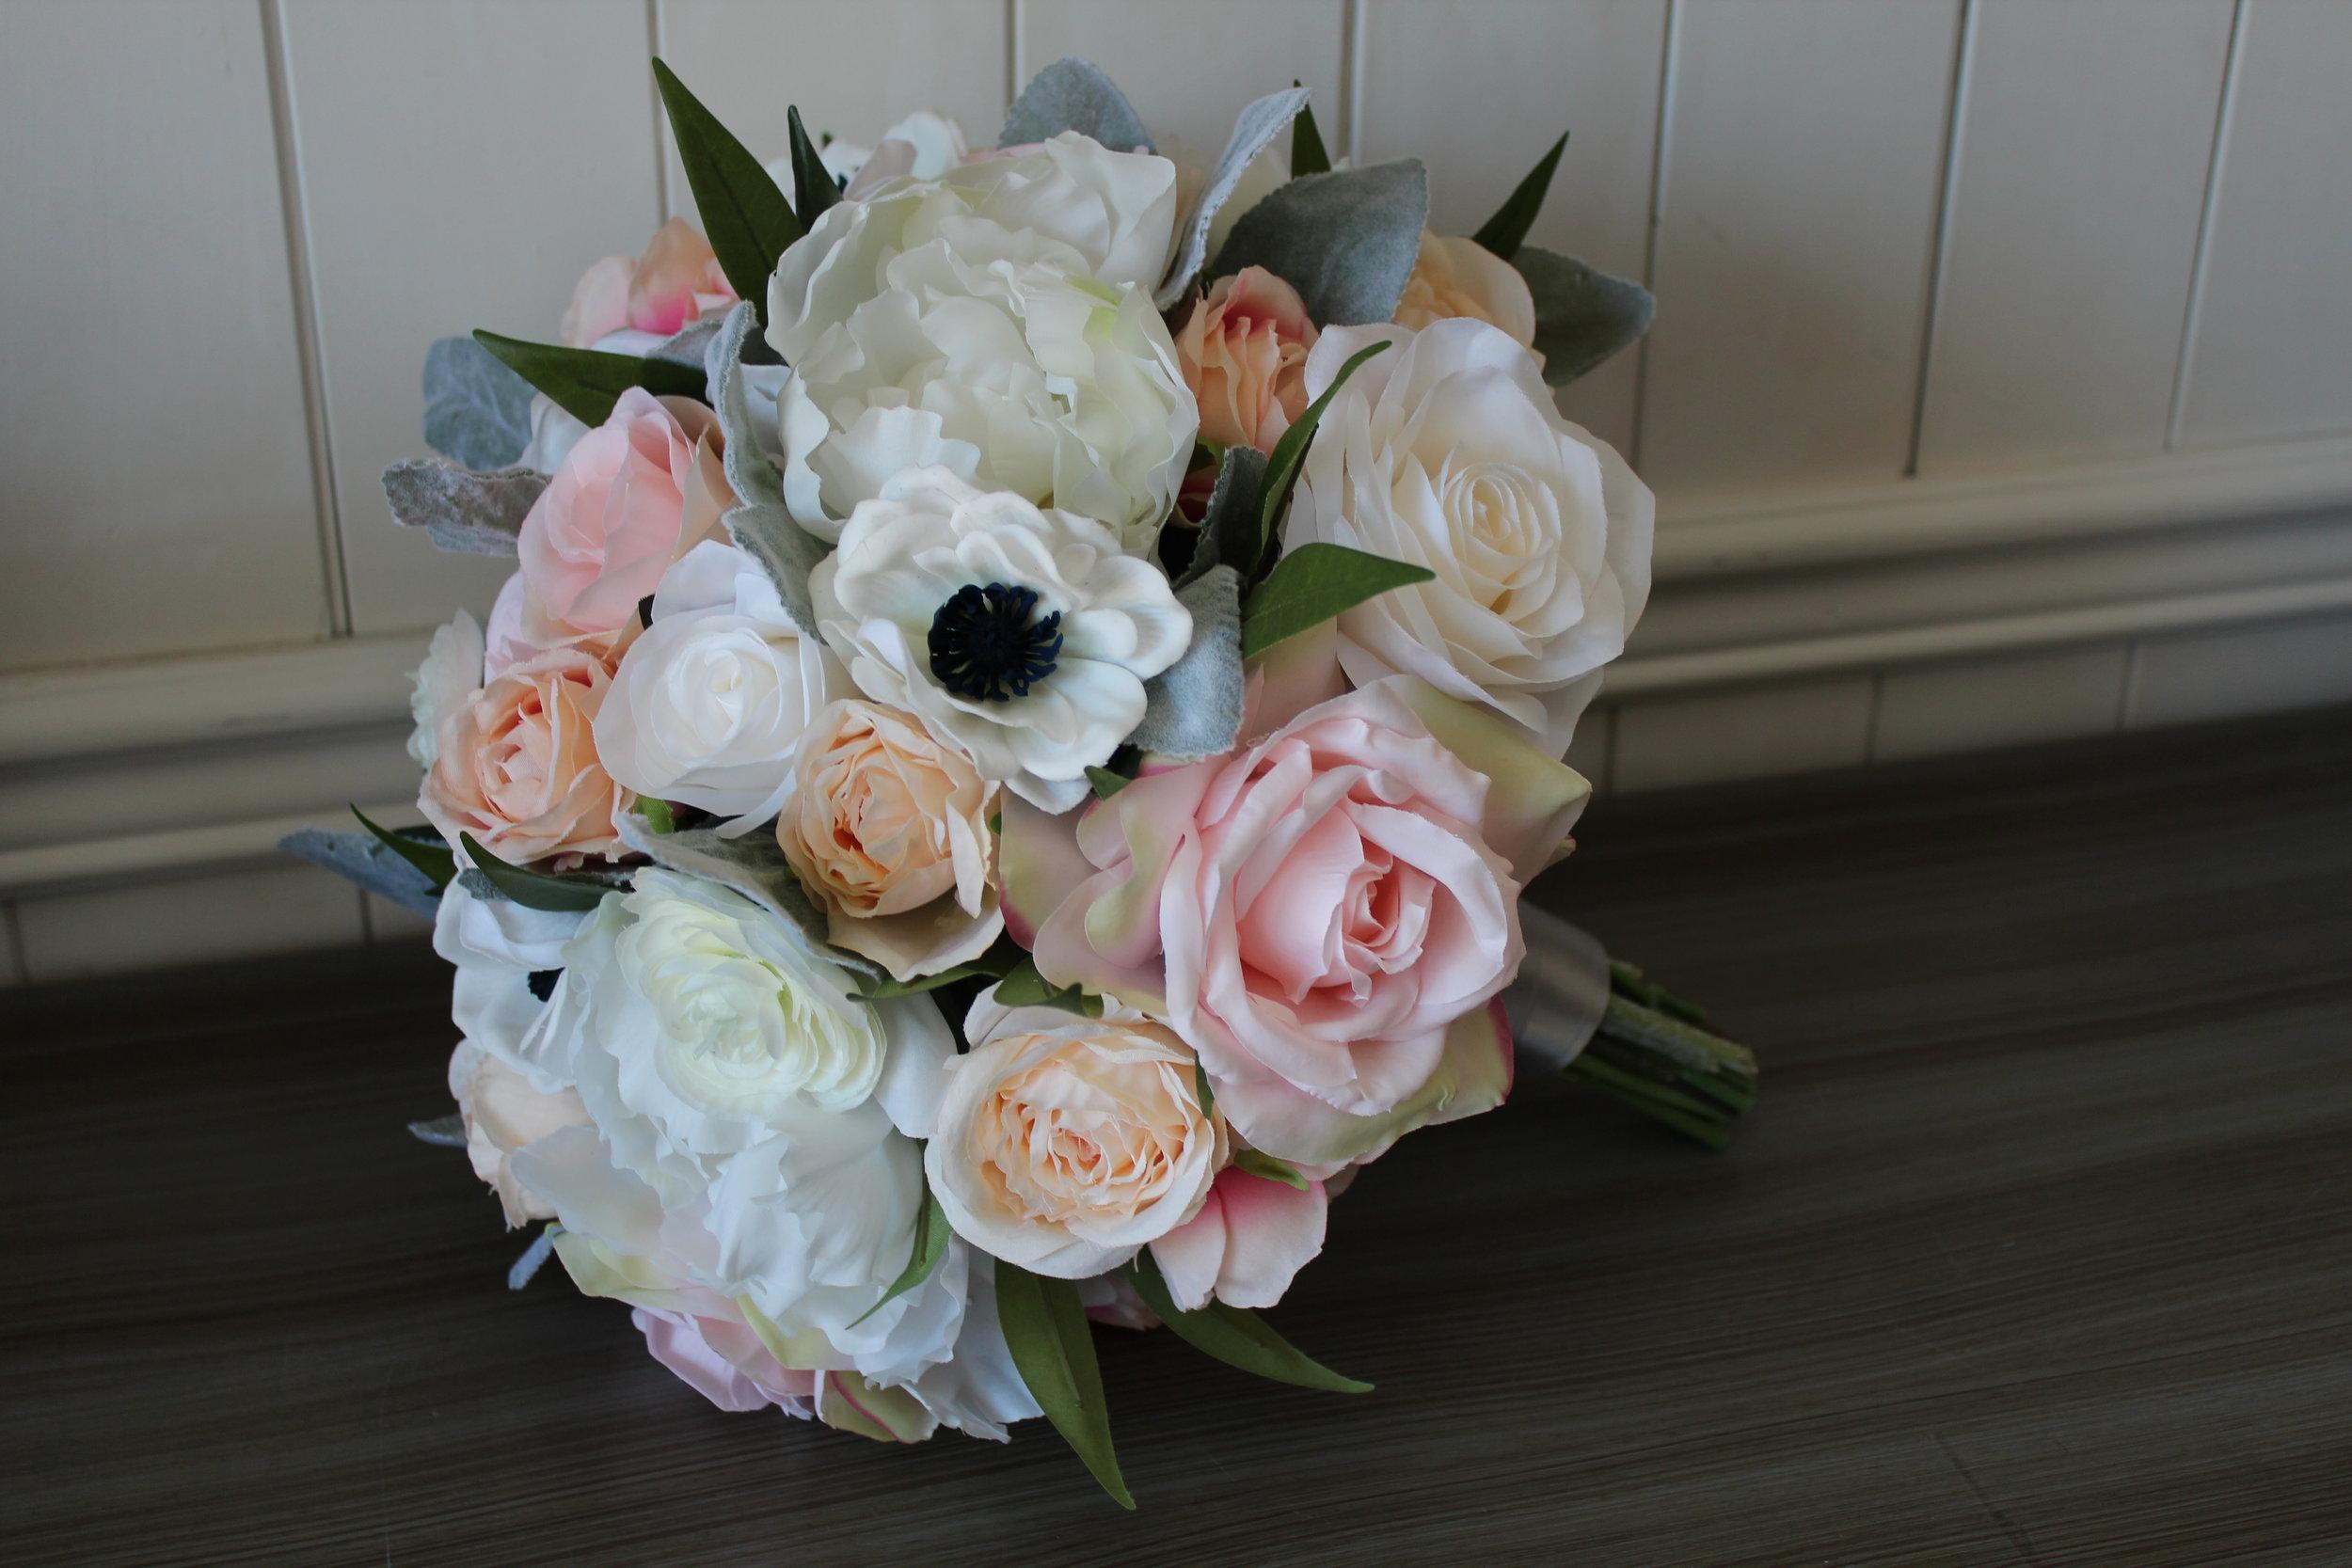 fresh-wedding-flowers-risk-silk-bridal-bouquet-recreation.jpg